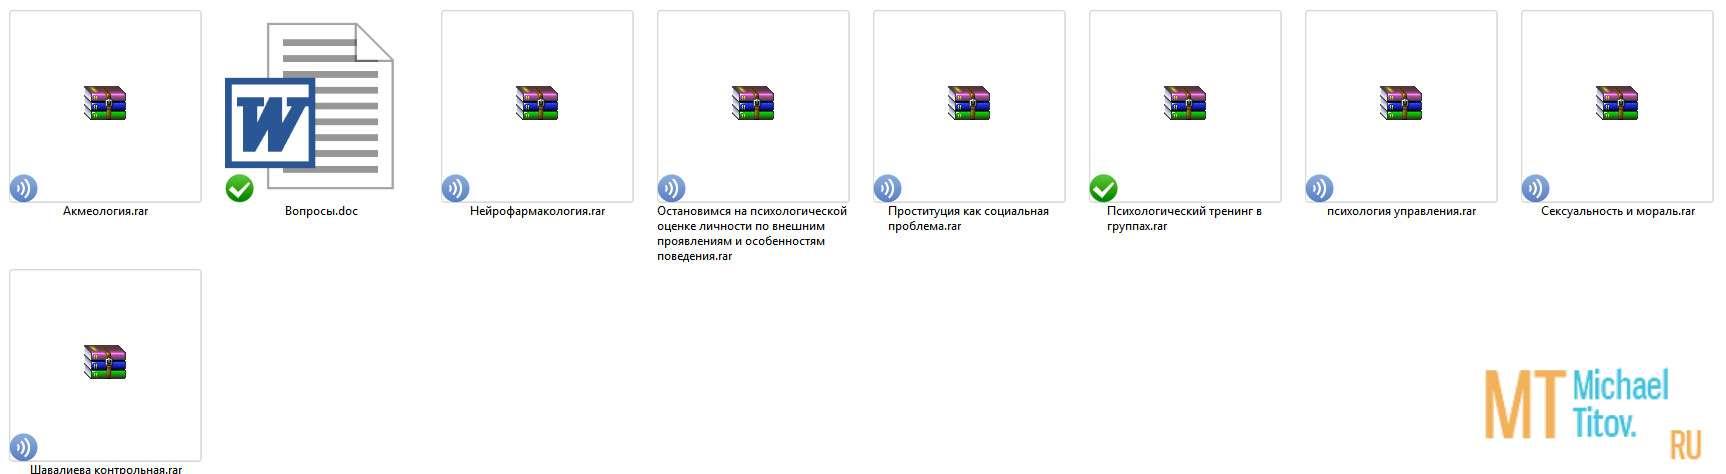 Полный пакет информации (курсовые, дипломные, лекции и т.д.) по обучению в институте на ПсихФак'е (6 семестров)